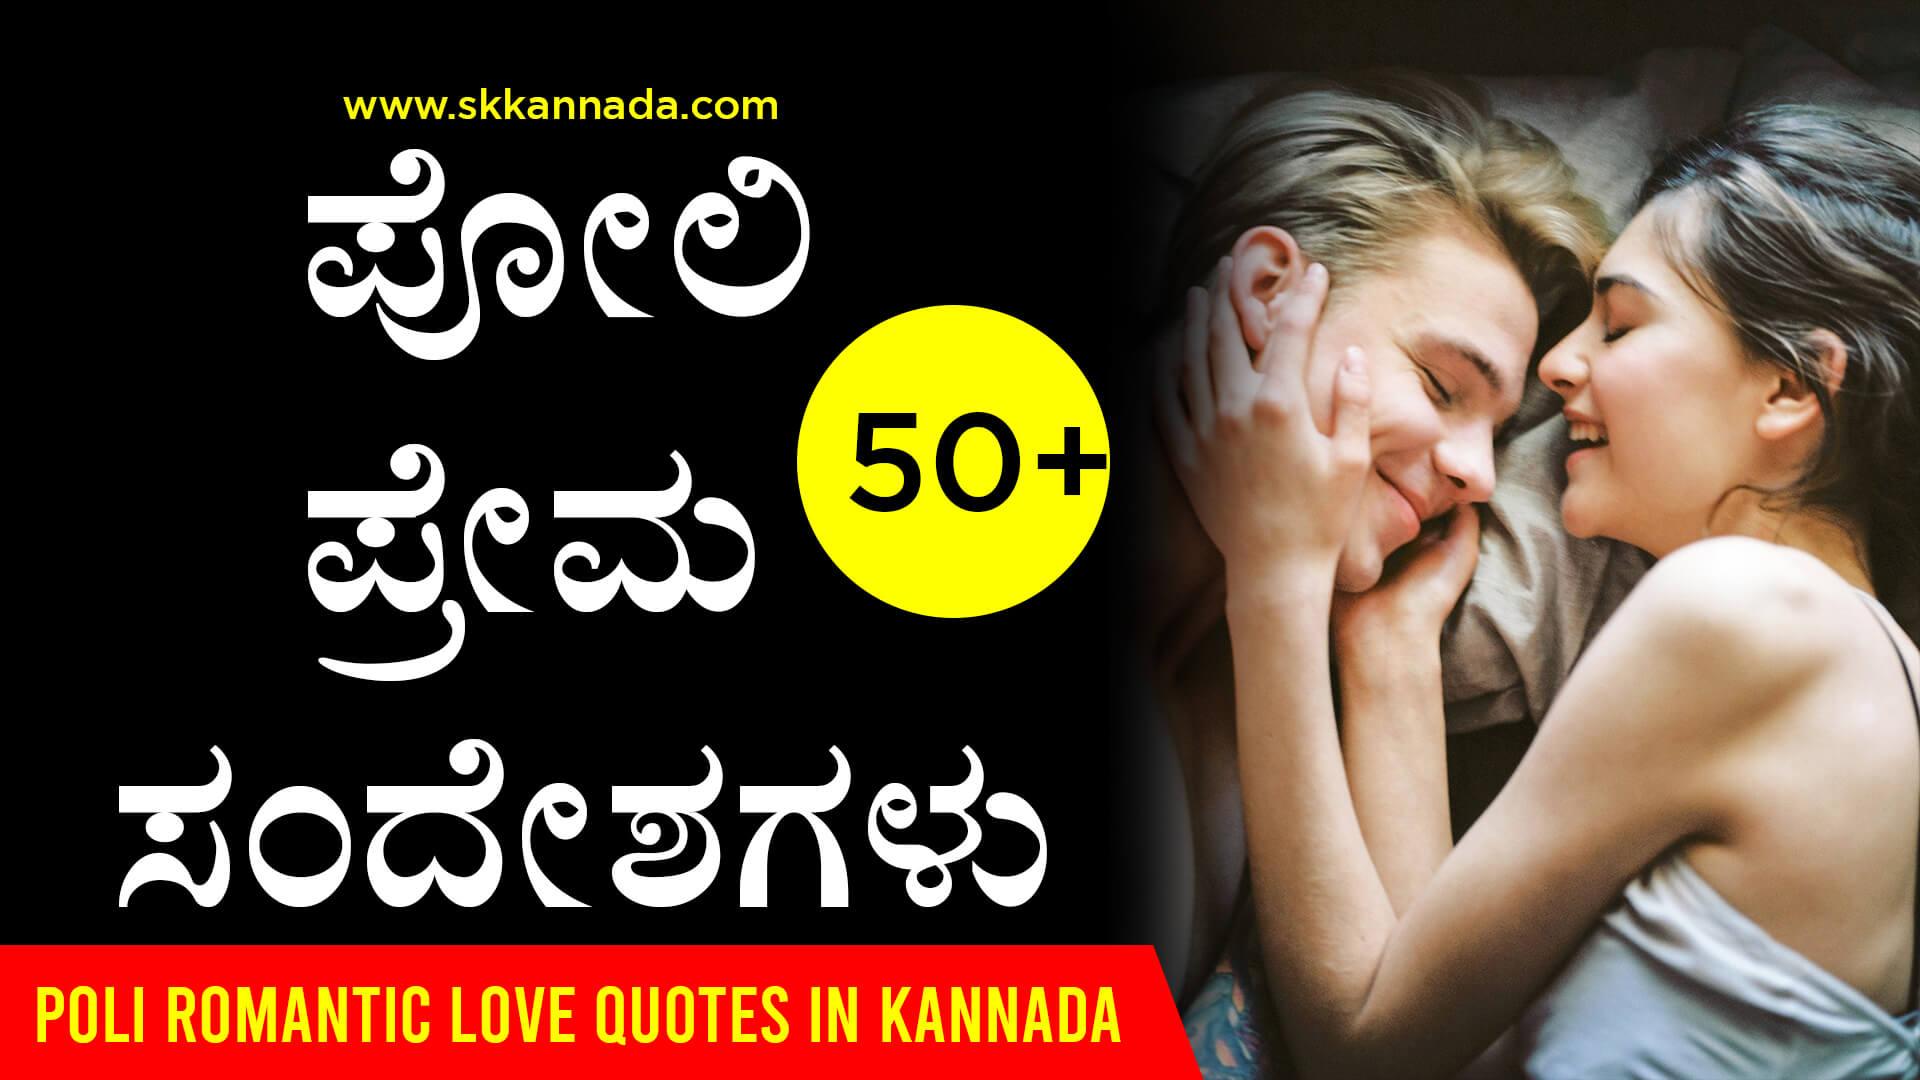 ಪೋಲಿ ಪ್ರೇಮ ಸಂದೇಶಗಳು - Poli Romantic Love Quotes Messages in Kannada